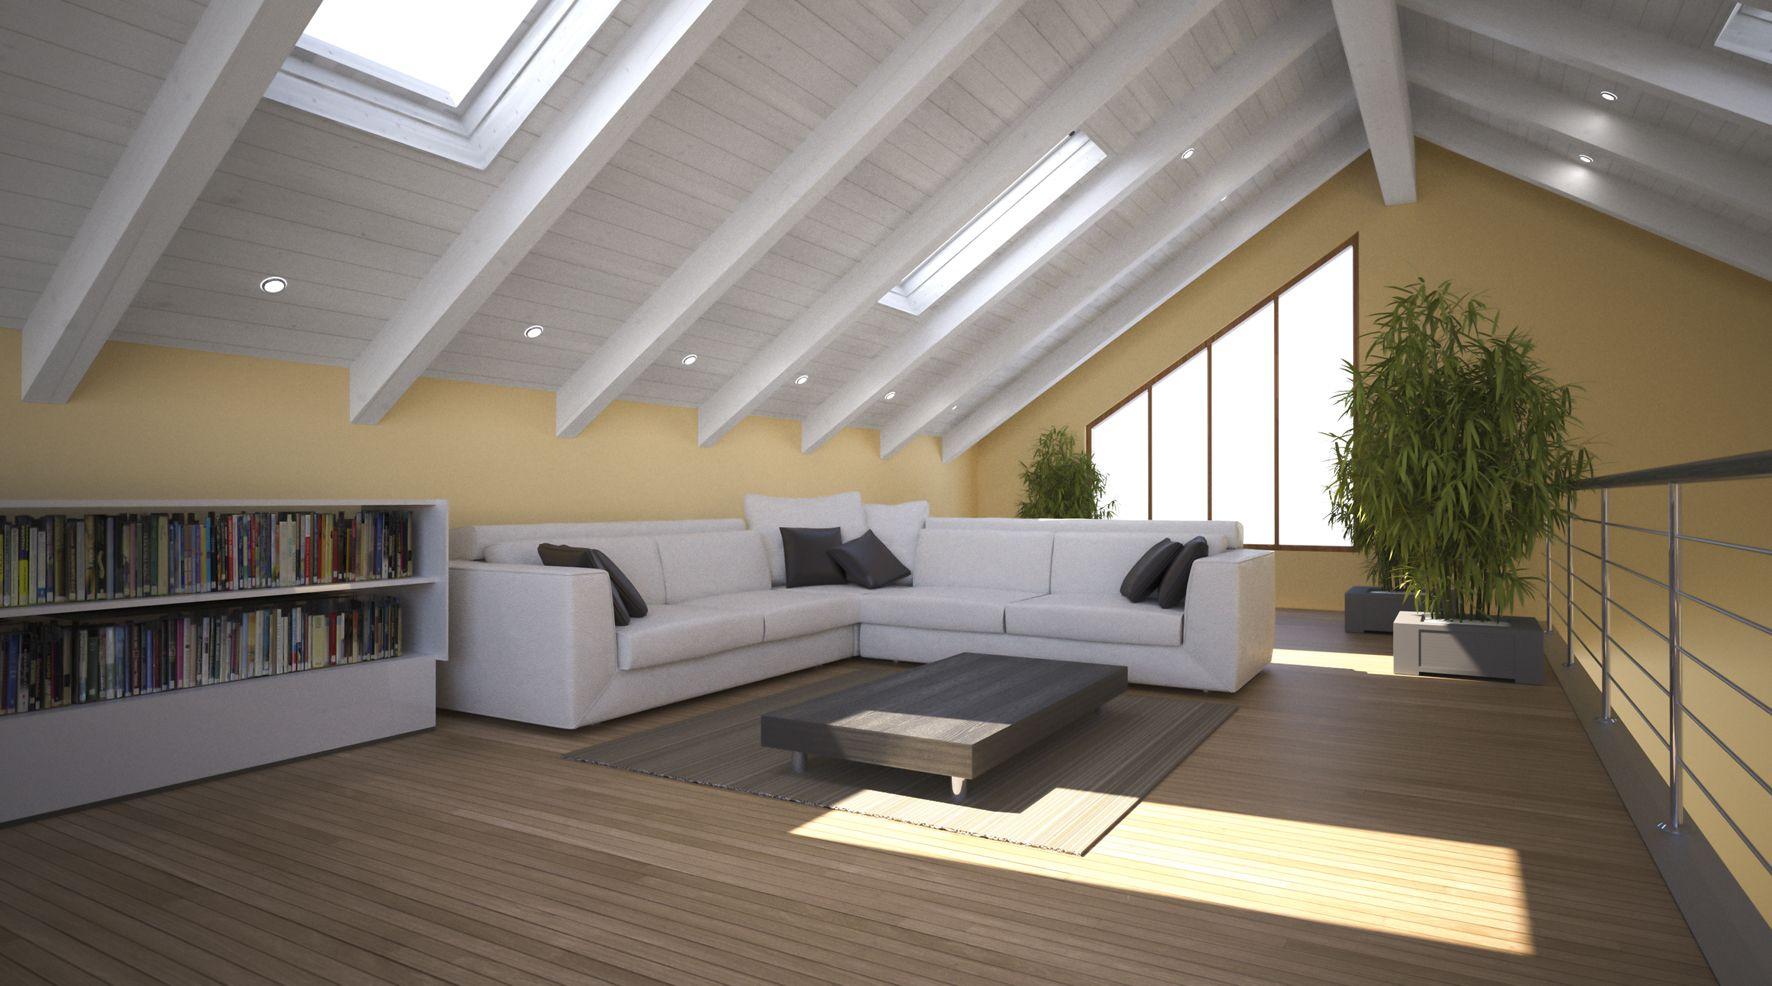 Interni tetto bianco cerca con google casa nuova - Casa con tetto in legno ...